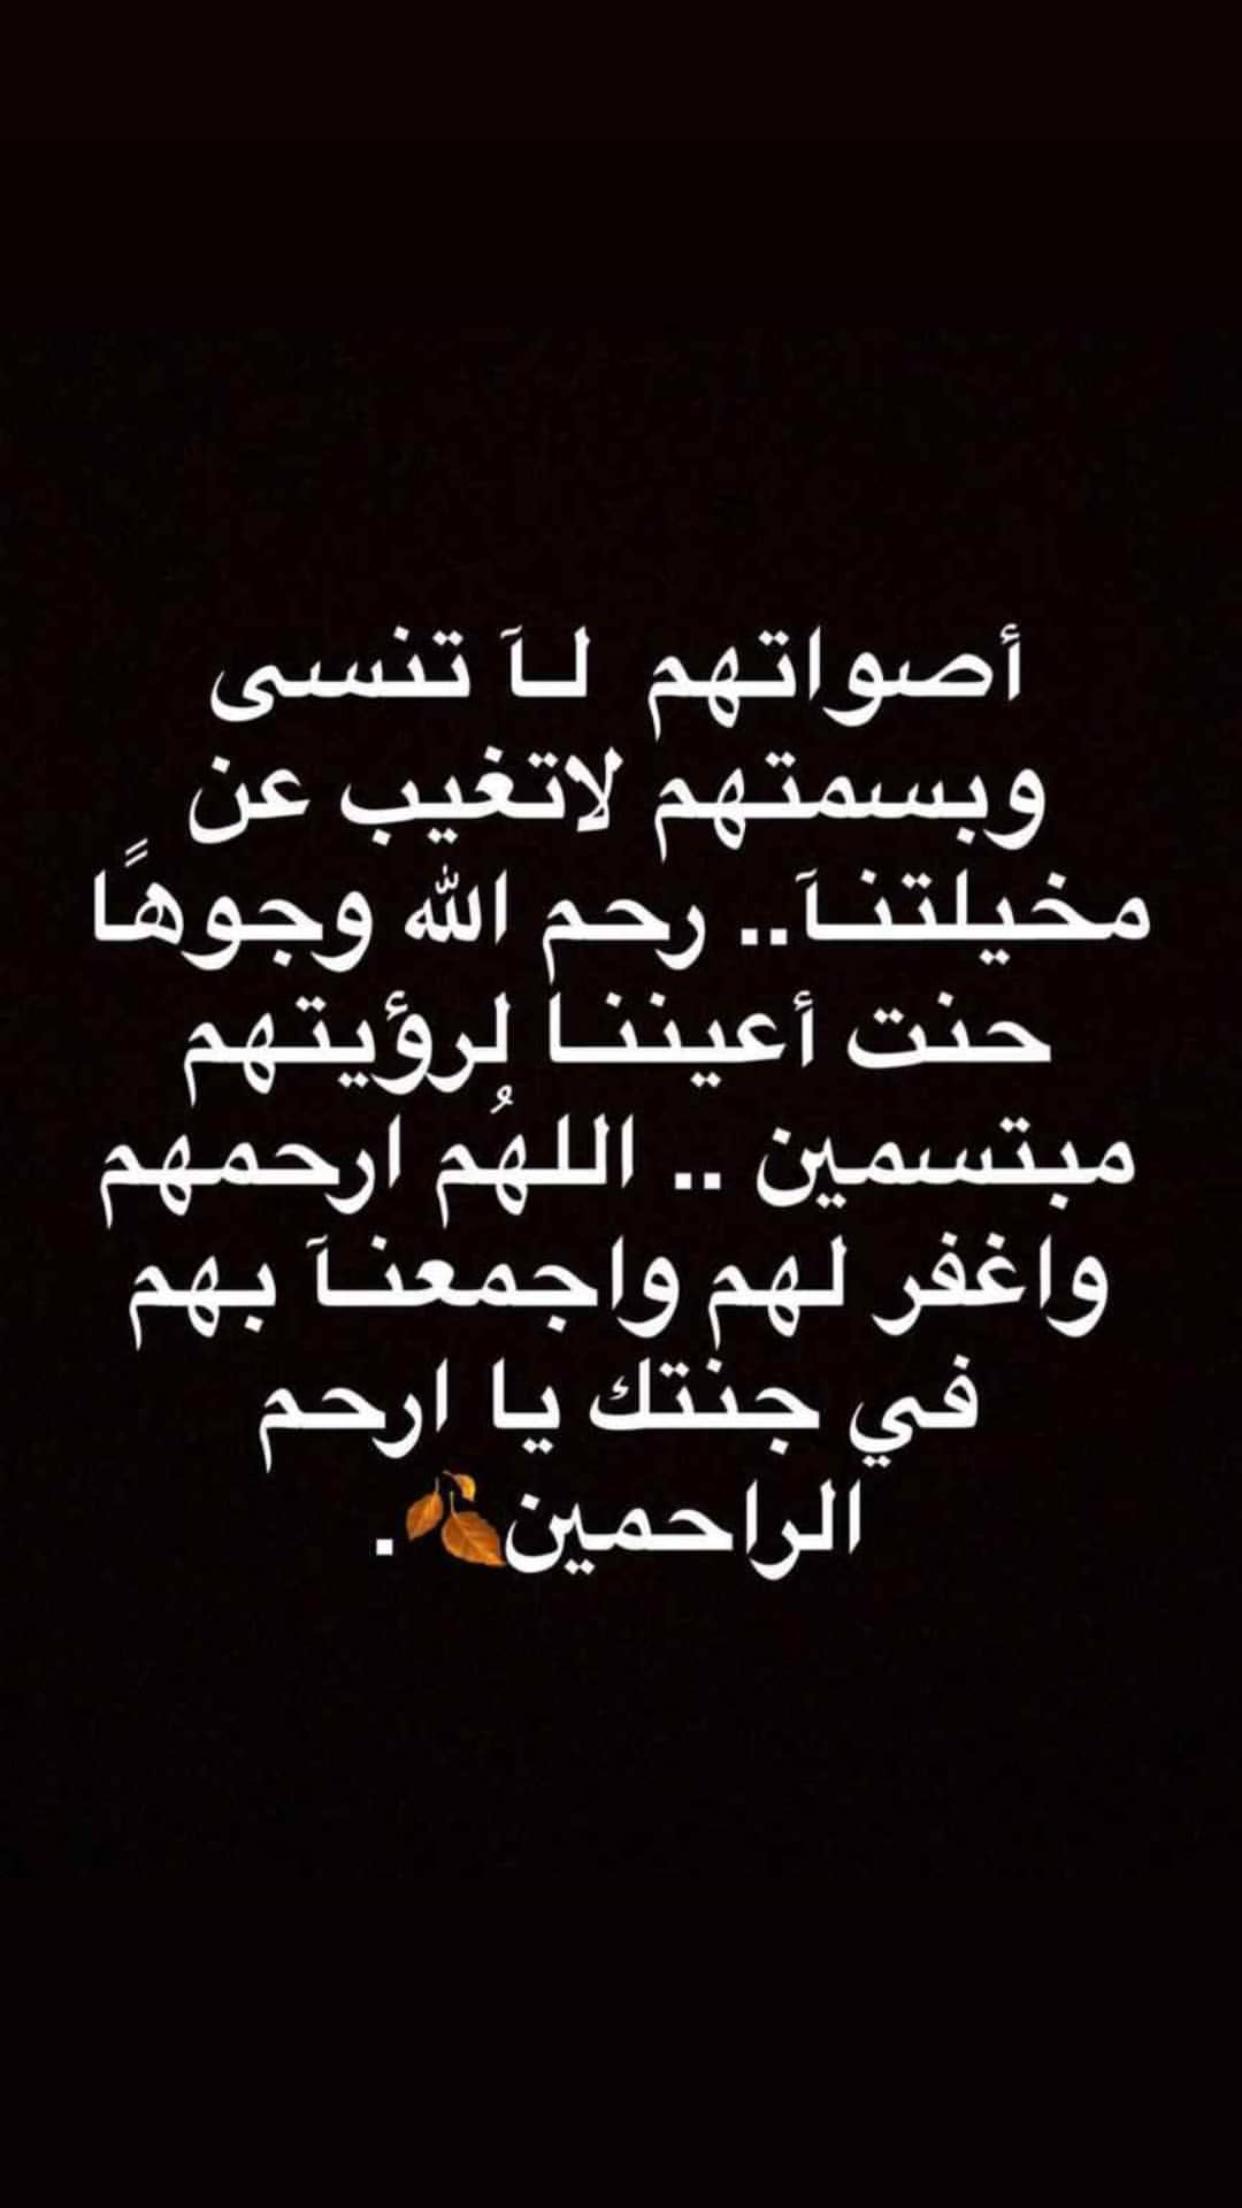 اللهم ارحم من اشتاقت لهم أرواحنا و هم تحت التراب يارب وفاء للموتى Instagram Posts Quotes Arabic Quotes